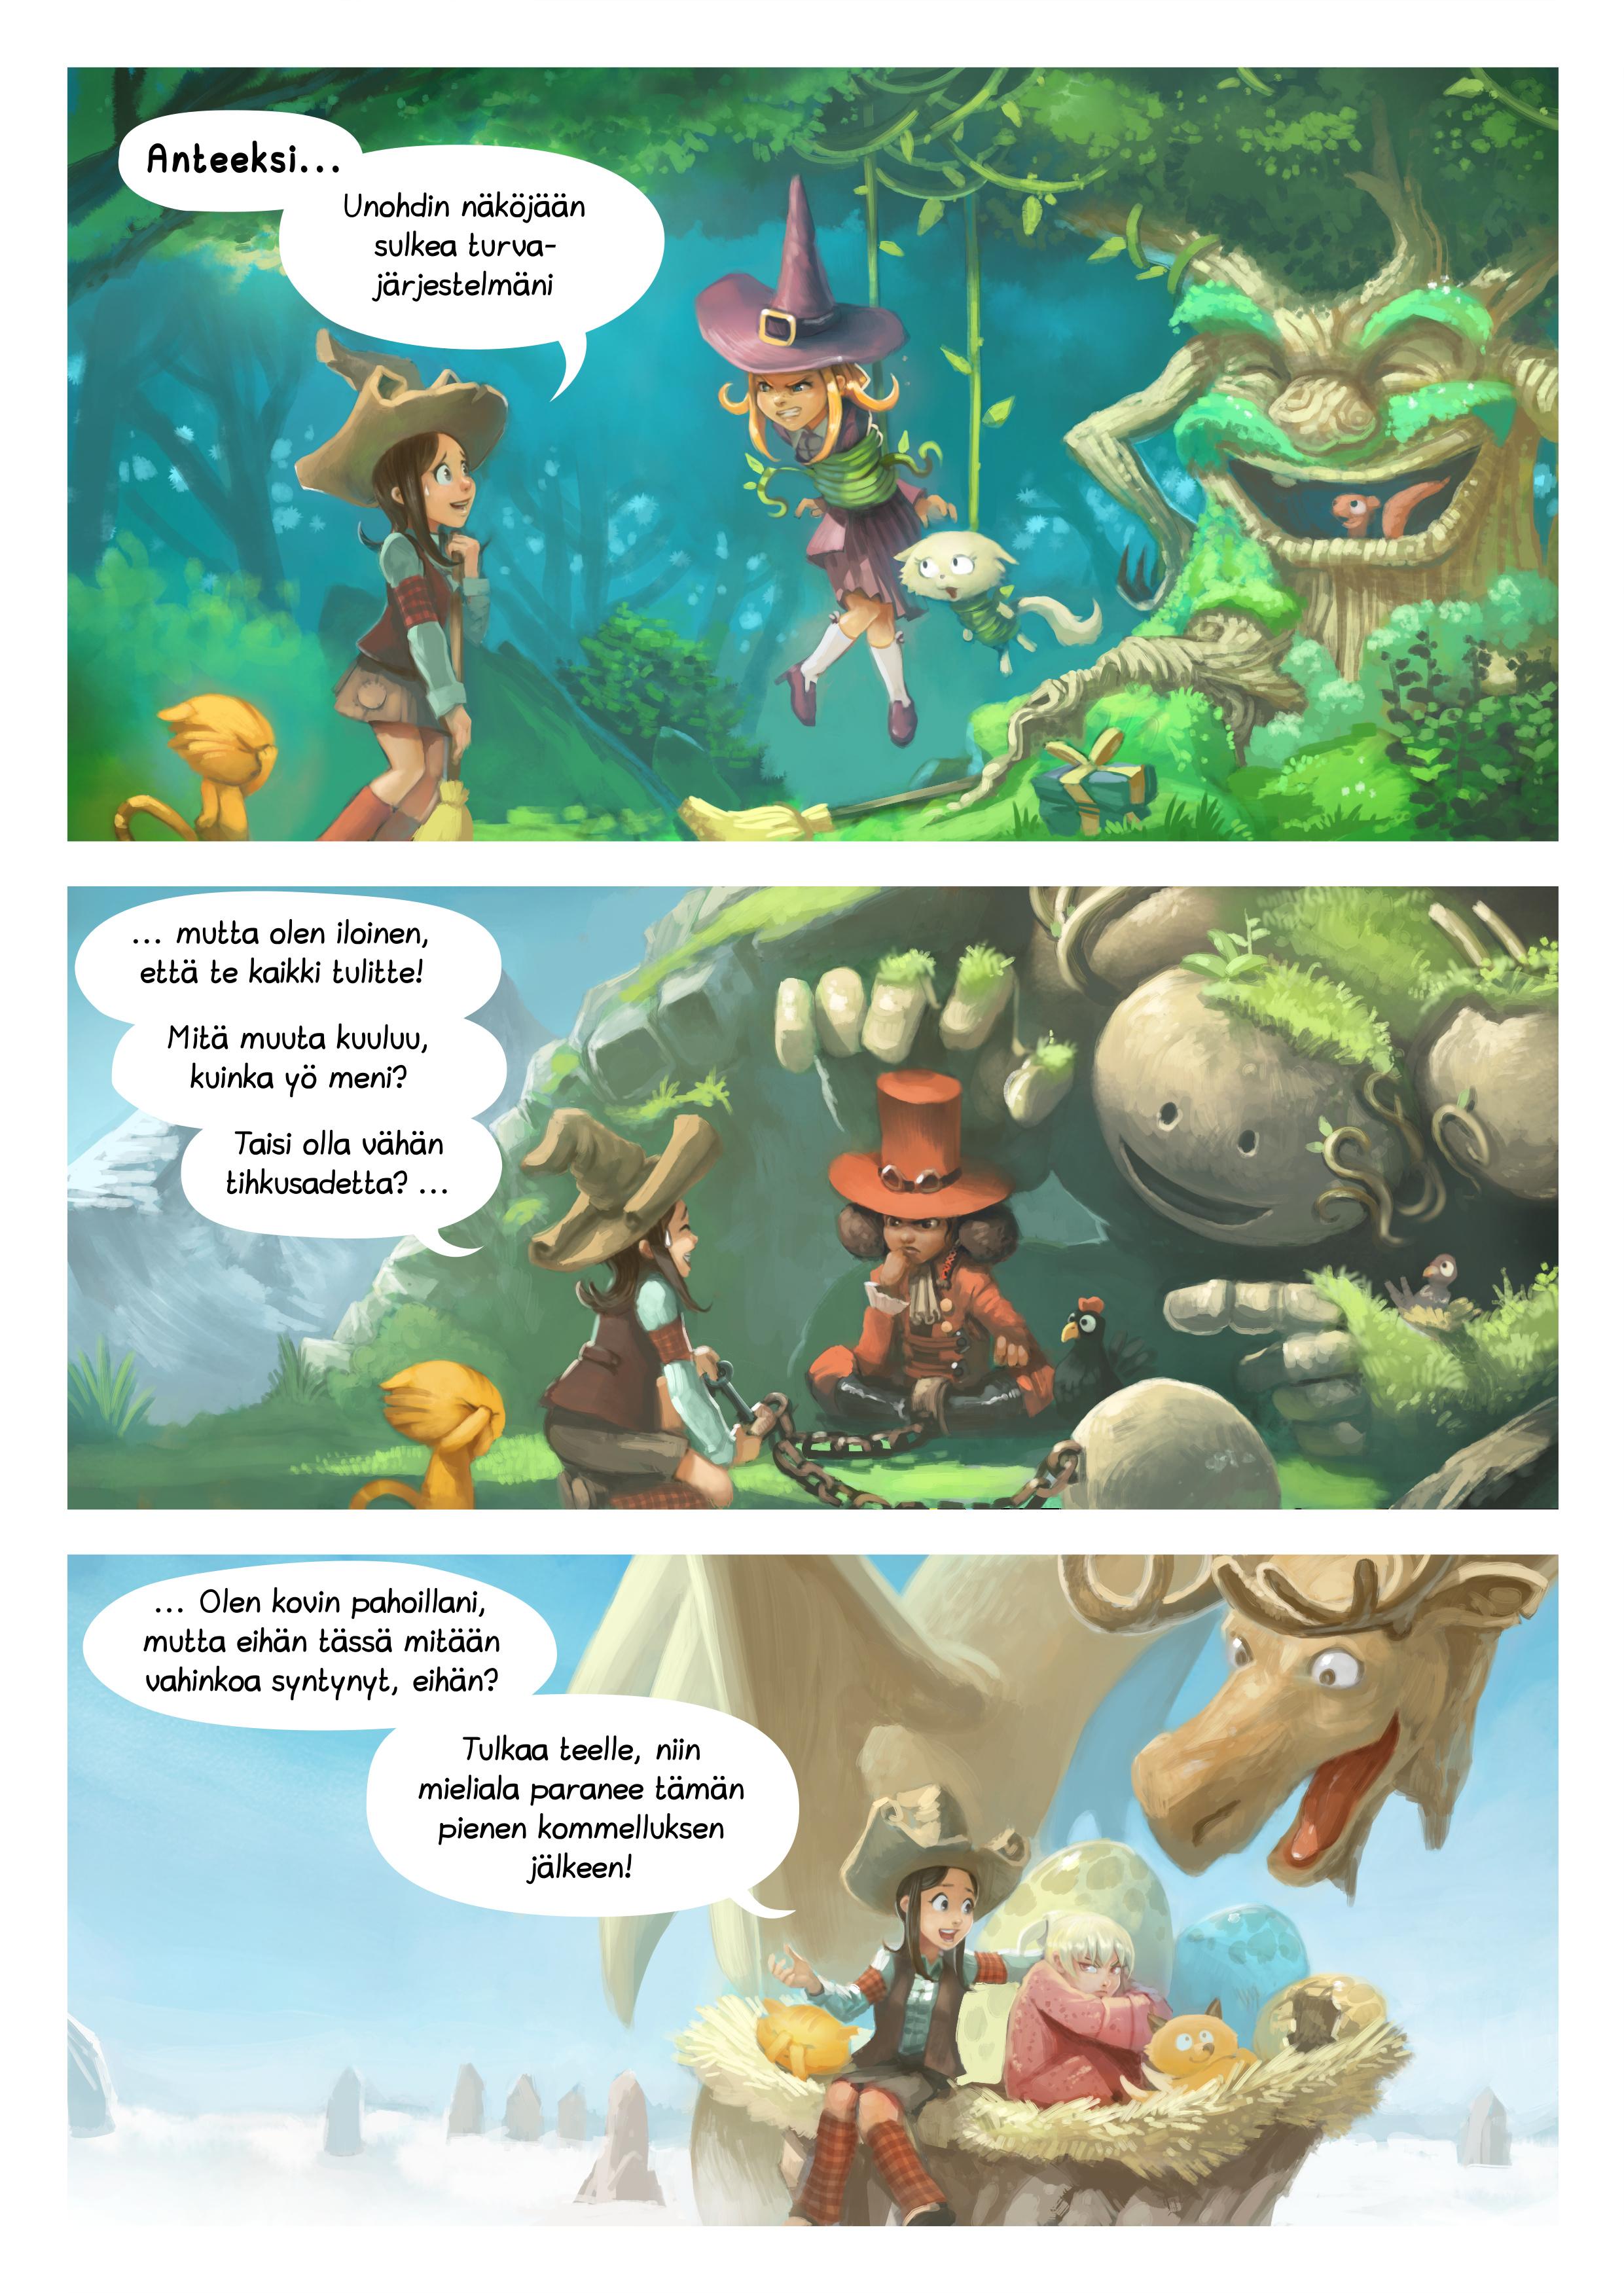 Episodi 9: Parannuskeino, Page 2